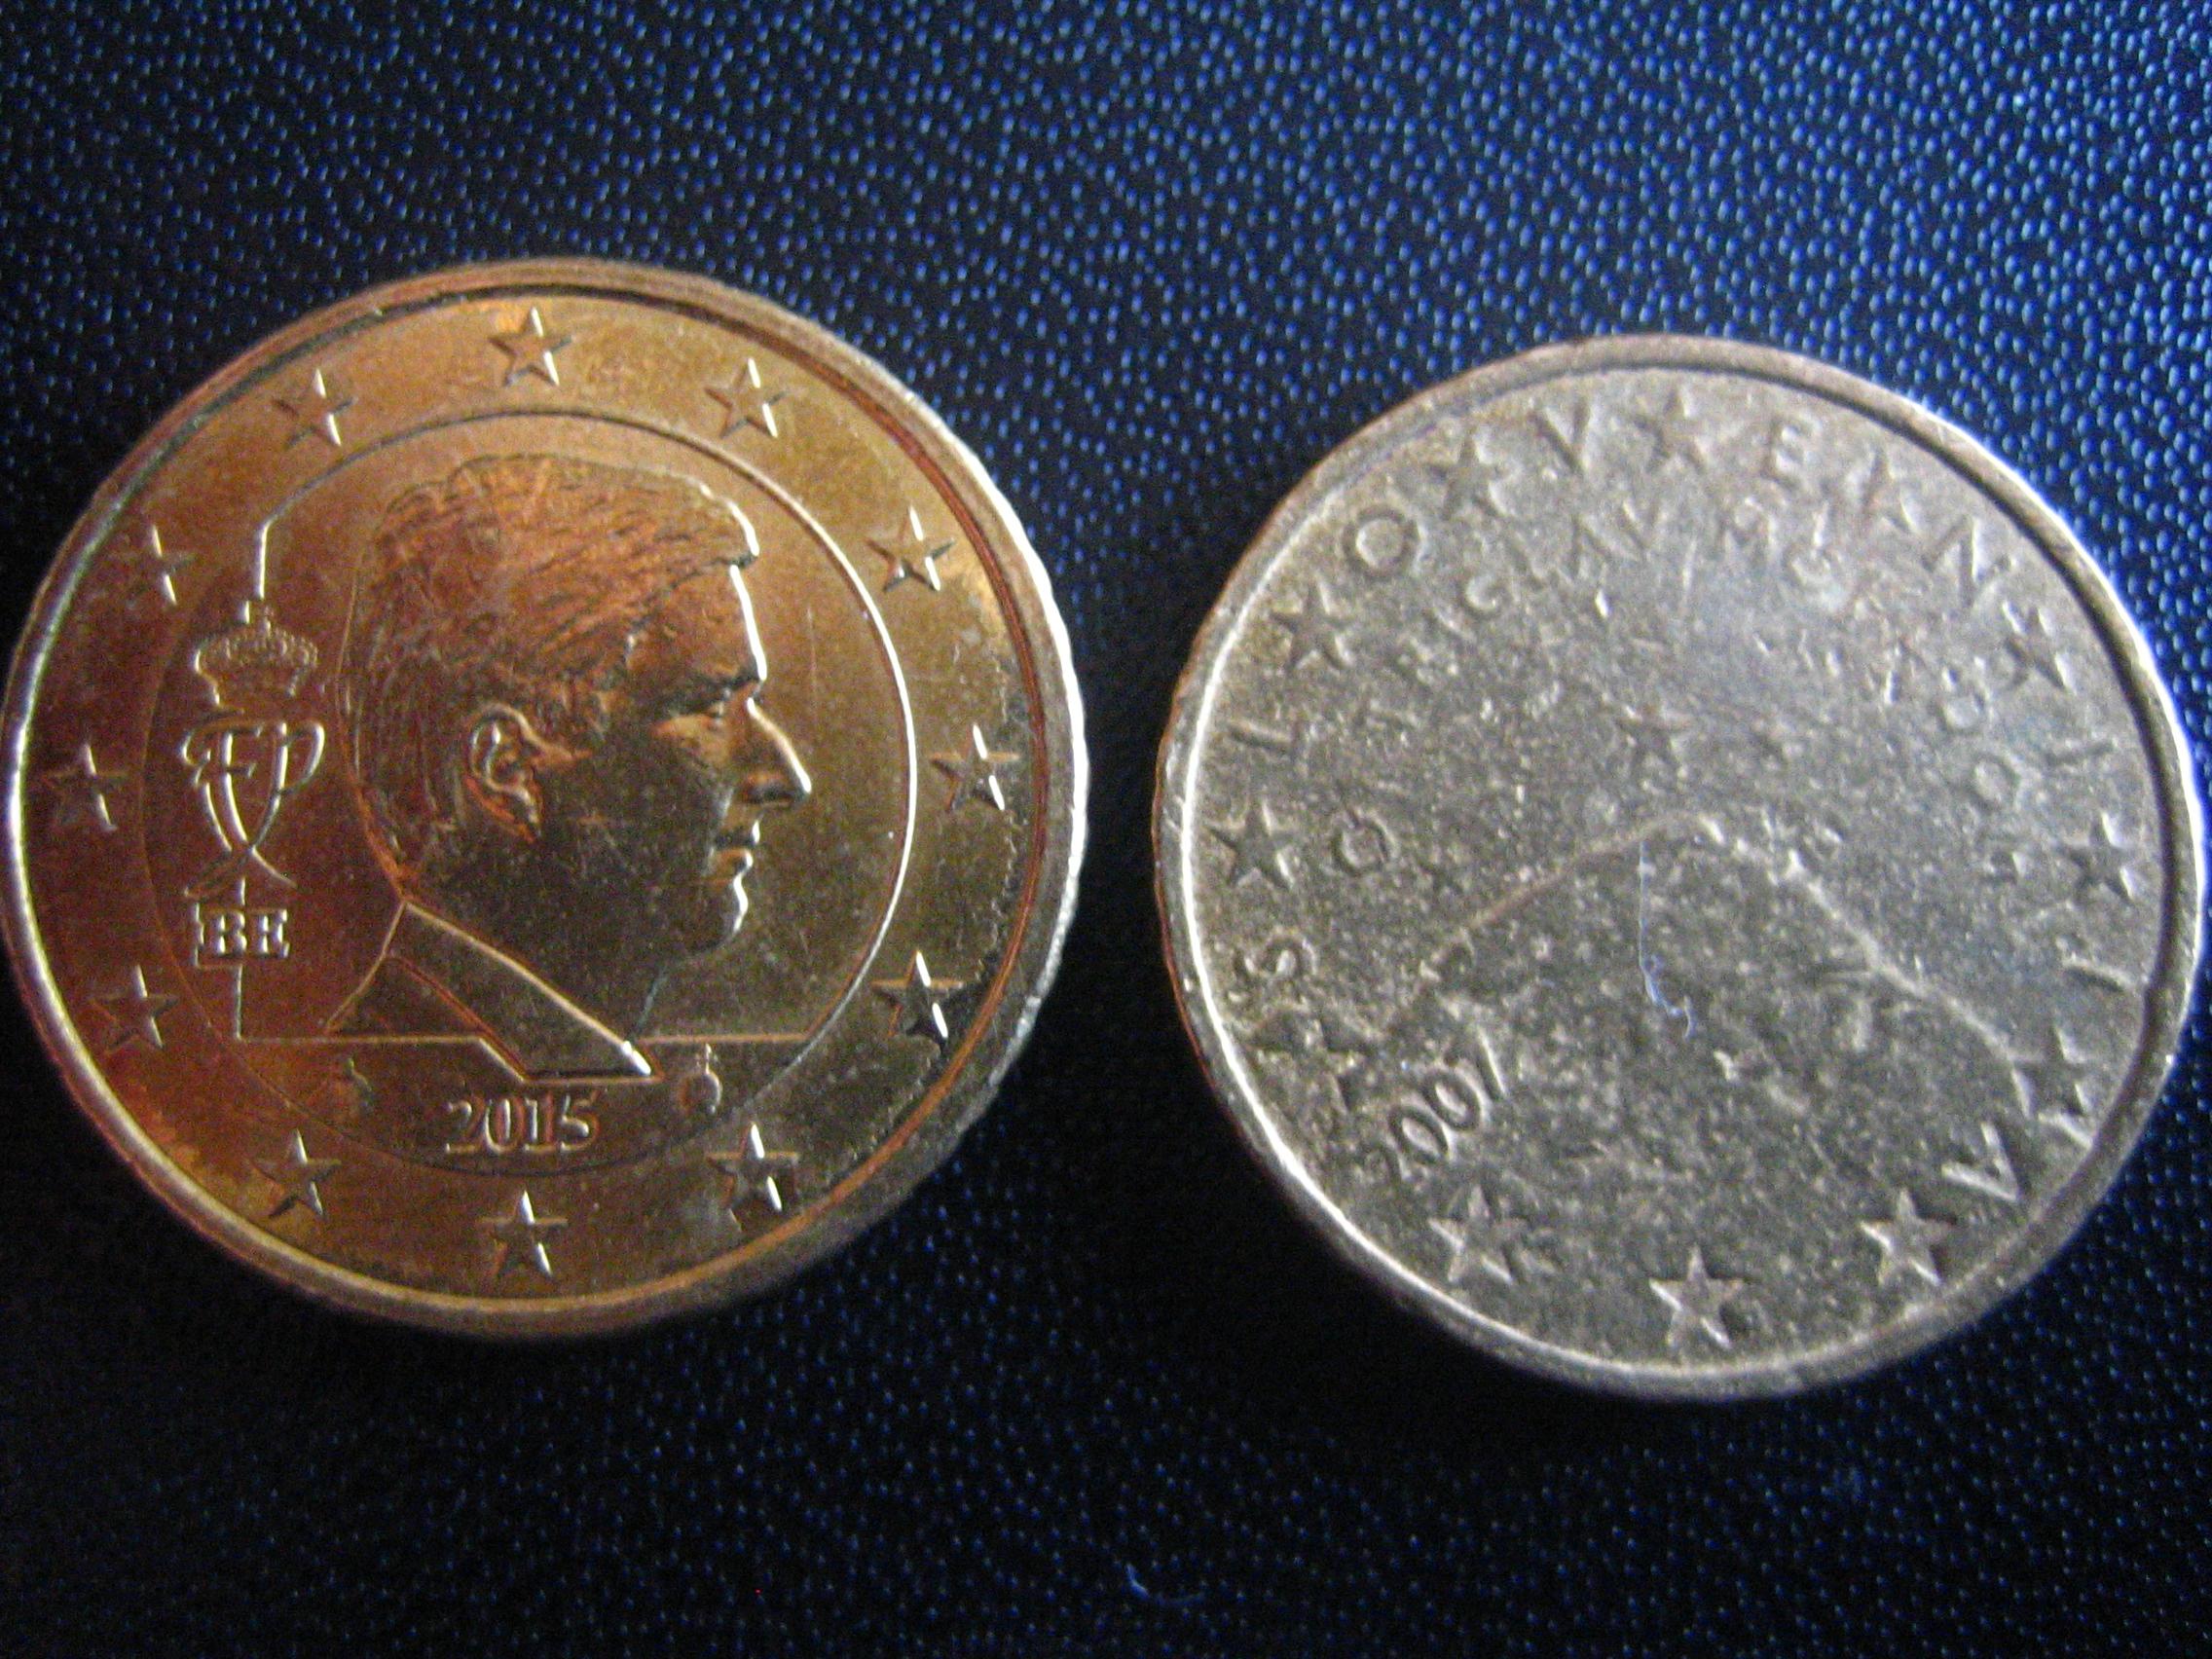 50 Cent Münze Fälschung